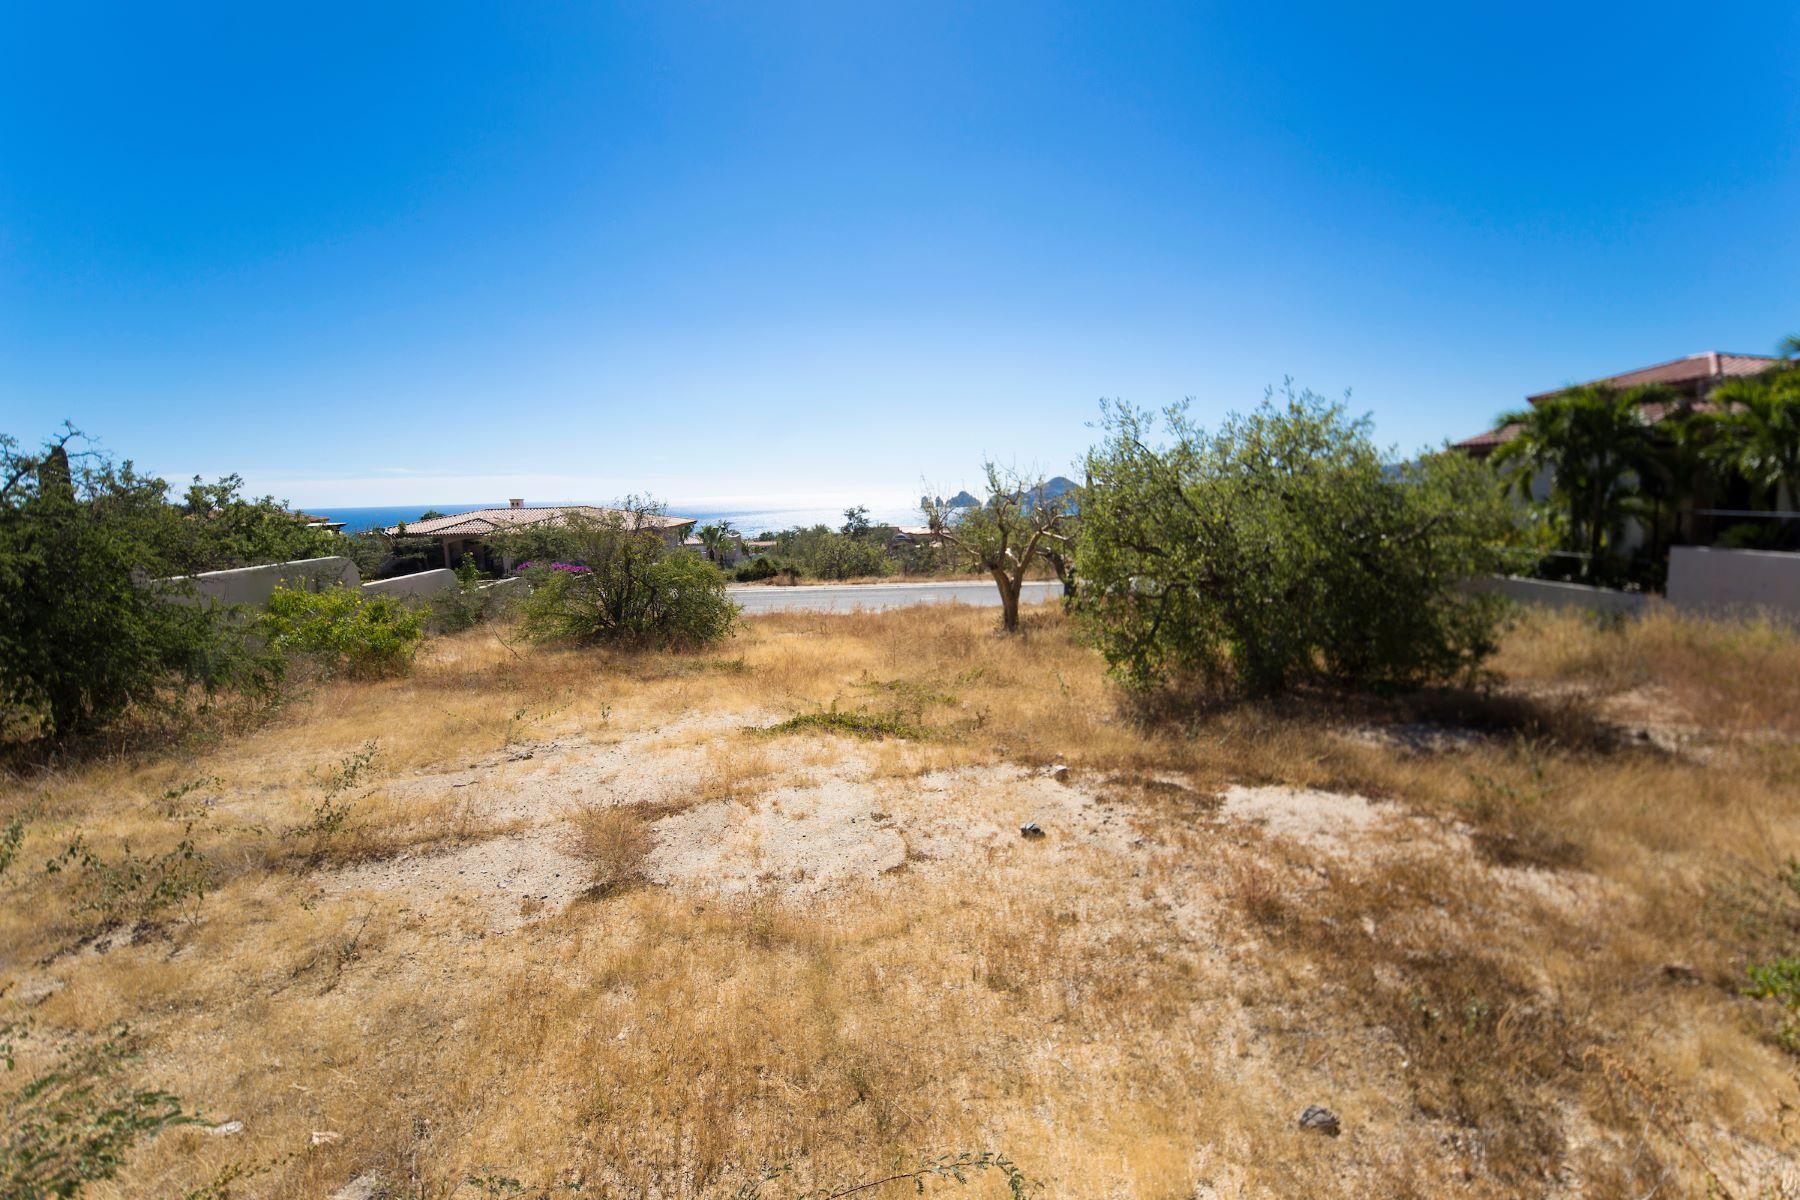 Terreno por un Venta en Lote D-6 Rancho Paraiso Cabo San Lucas, Baja California Sur México